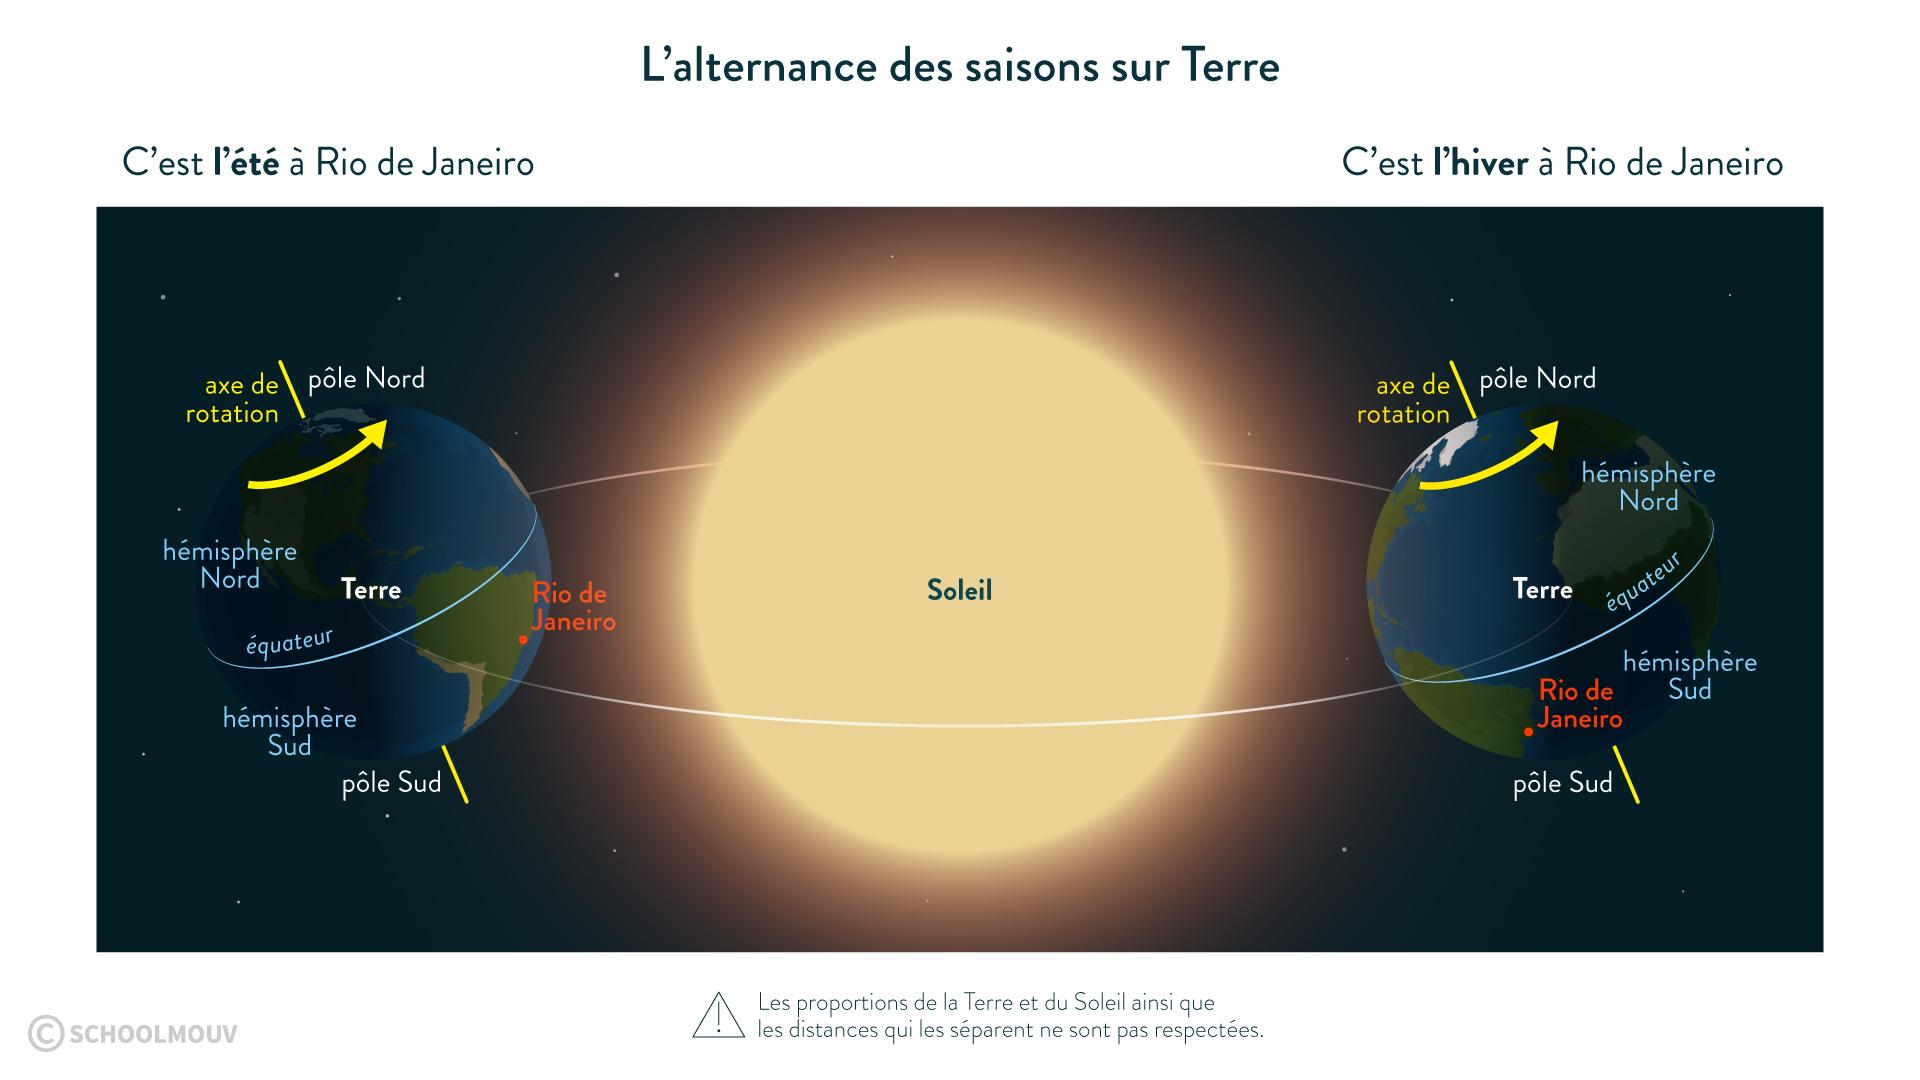 L'alternance des saisons sur Terre due à la trajectoire des rayons solaires l'été et l'hiver-svt-6e-schoolmouv